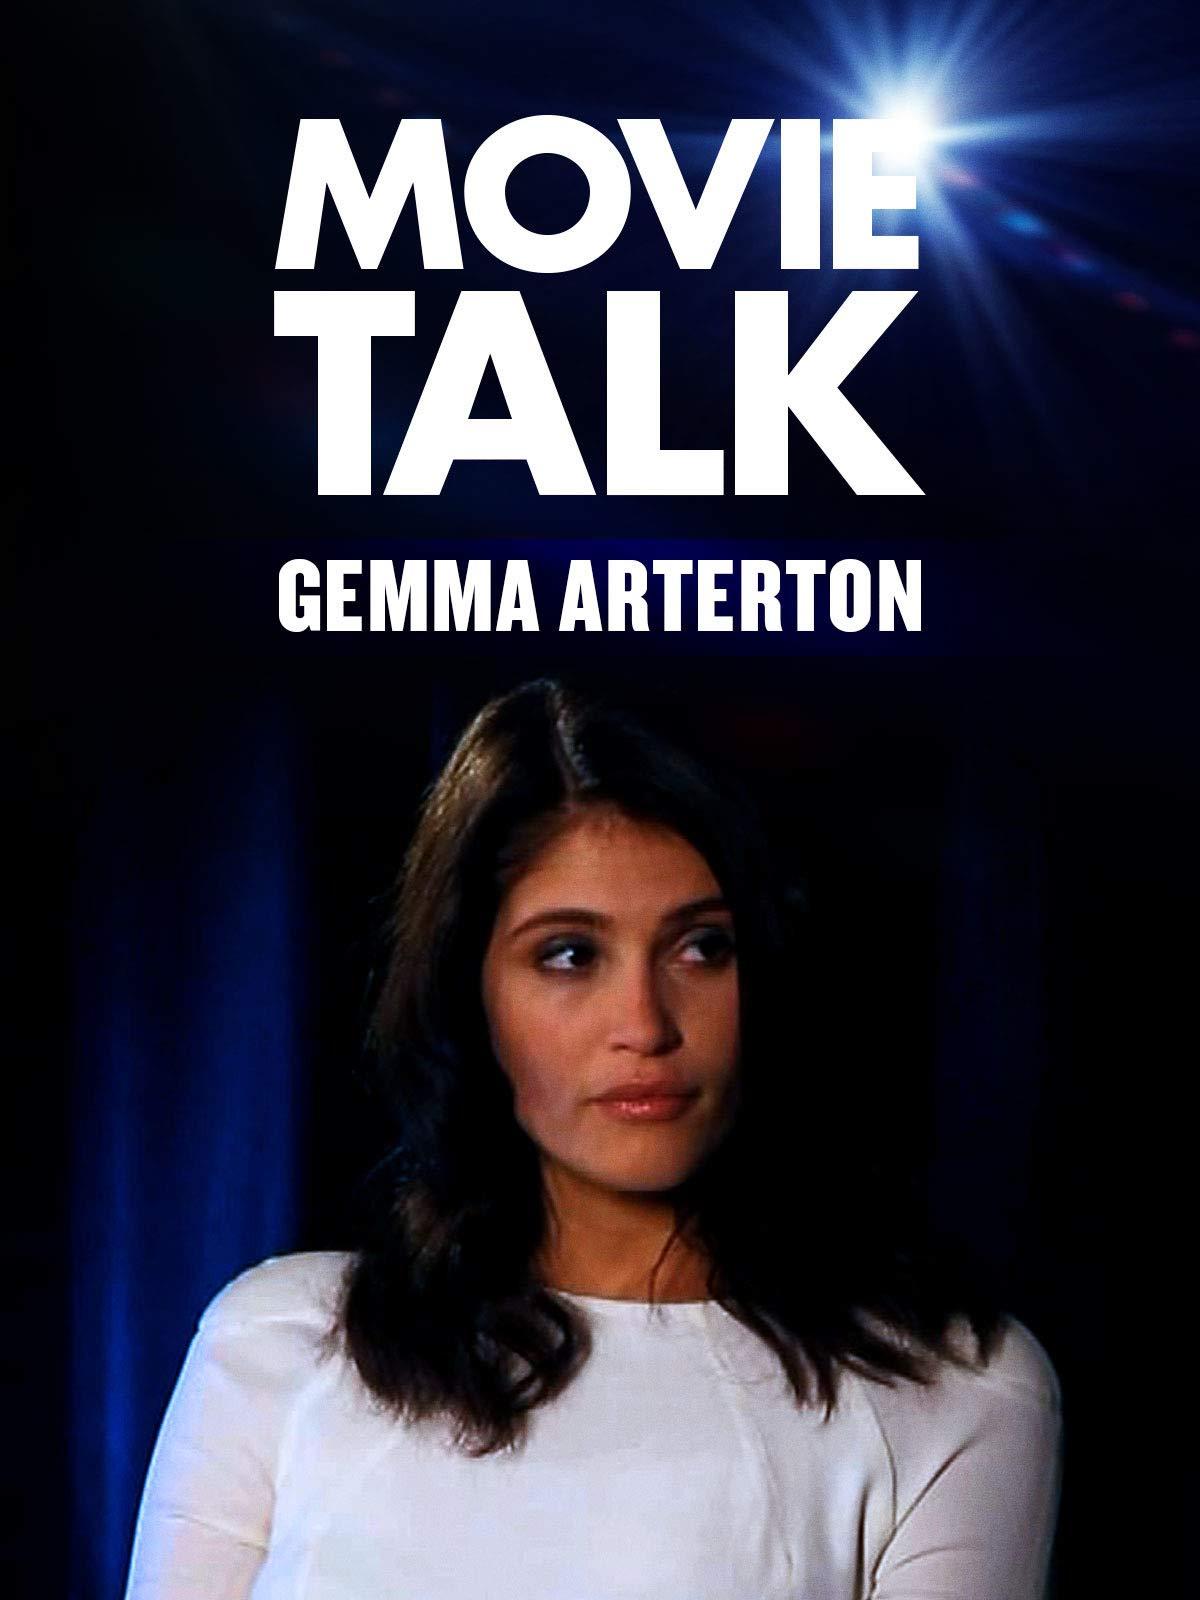 Gemma Arterton - Movie Talk on Amazon Prime Video UK